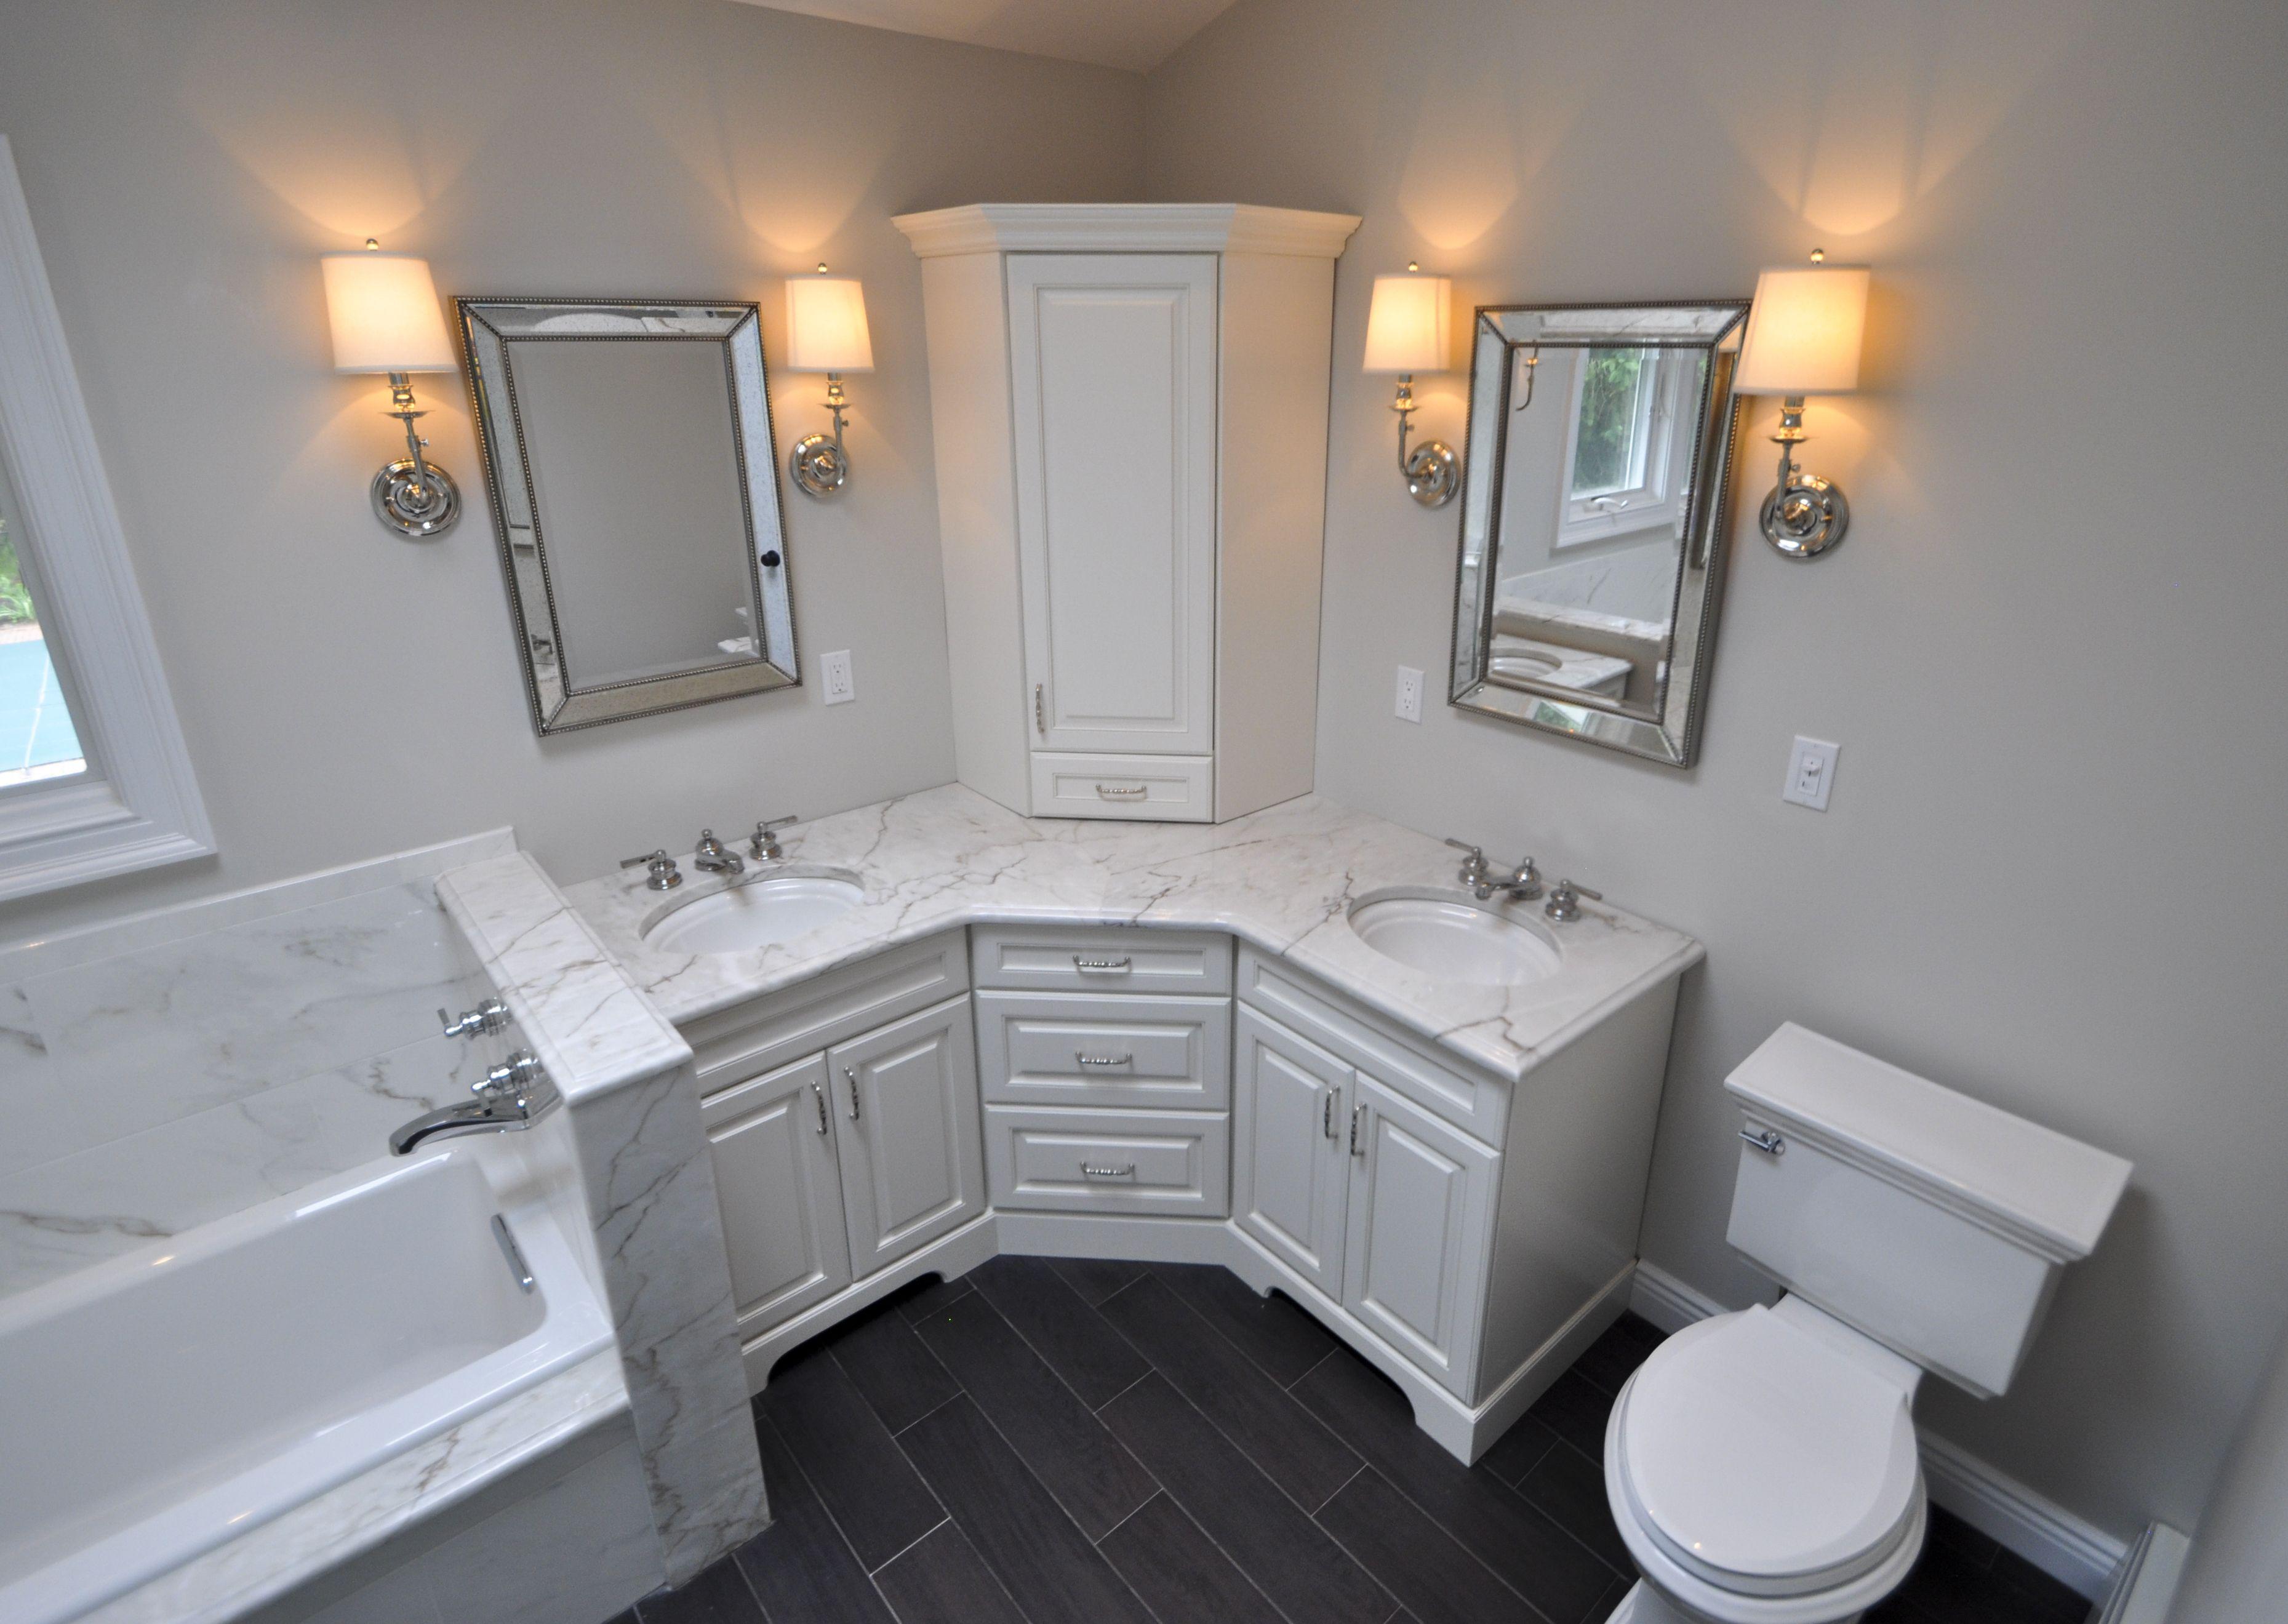 Bad Mobel Eck Einheiten Badezimmer Renovieren Badgestaltung